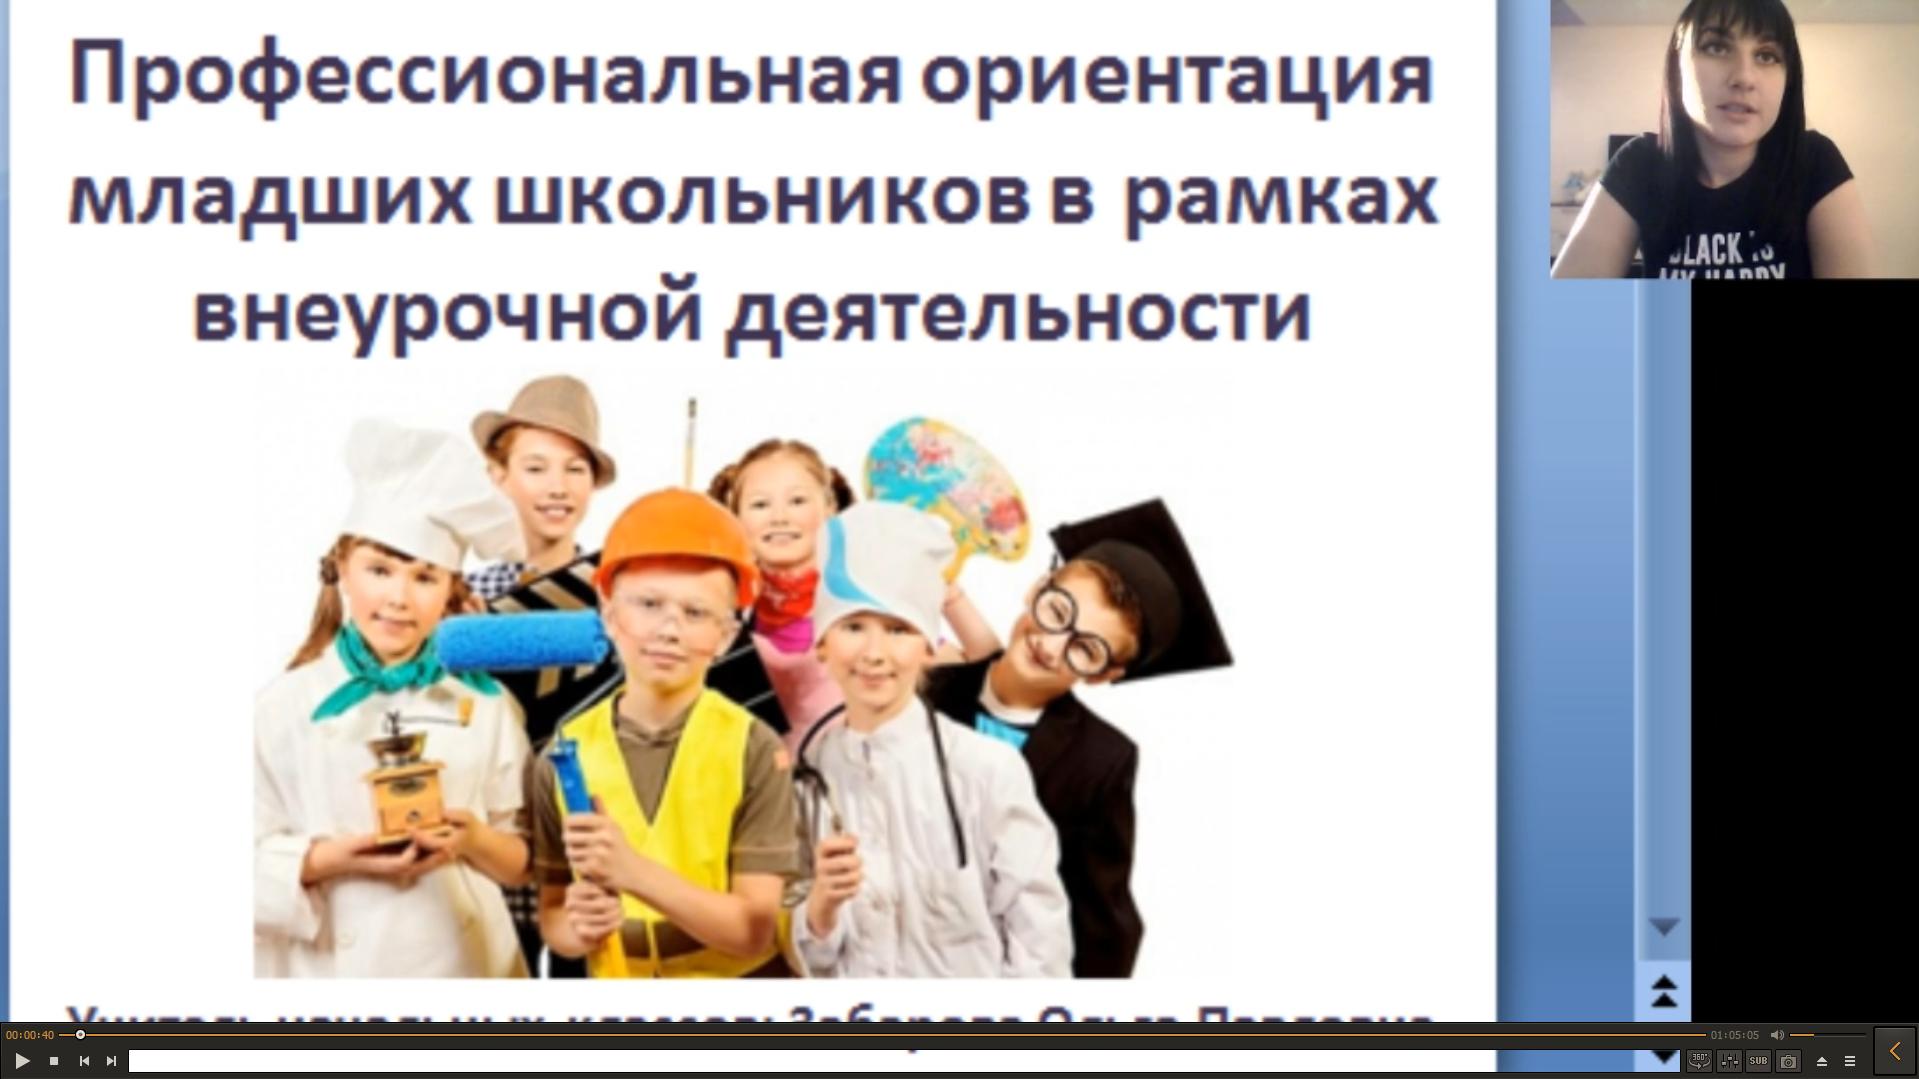 Профессиональная ориентация школьников в рамках внеурочной деятельности